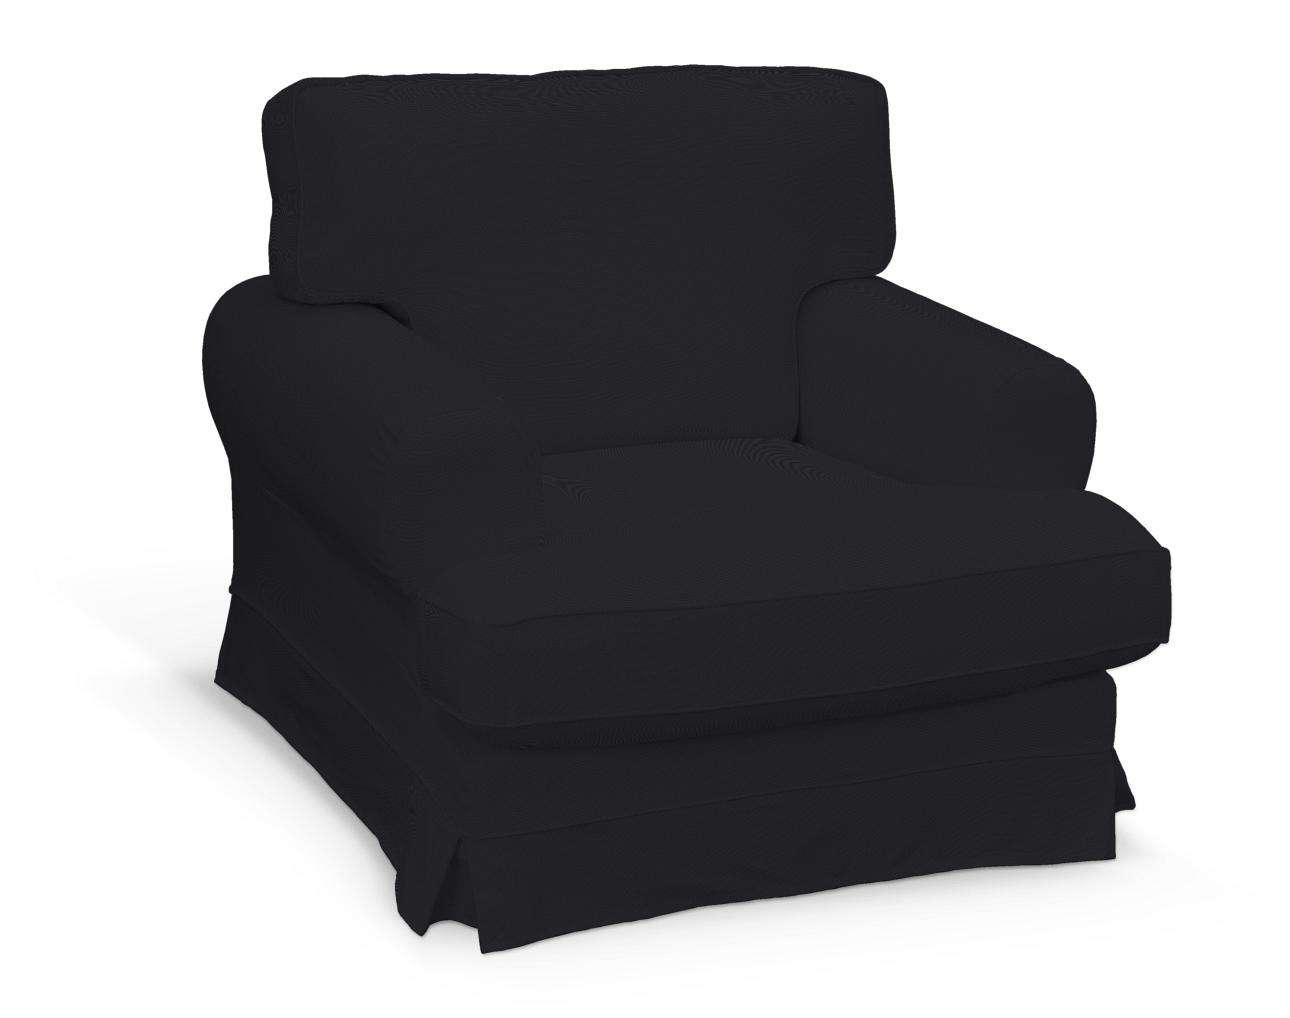 Bezug für Ekeskog Sessel von der Kollektion Etna, Stoff: 705-00